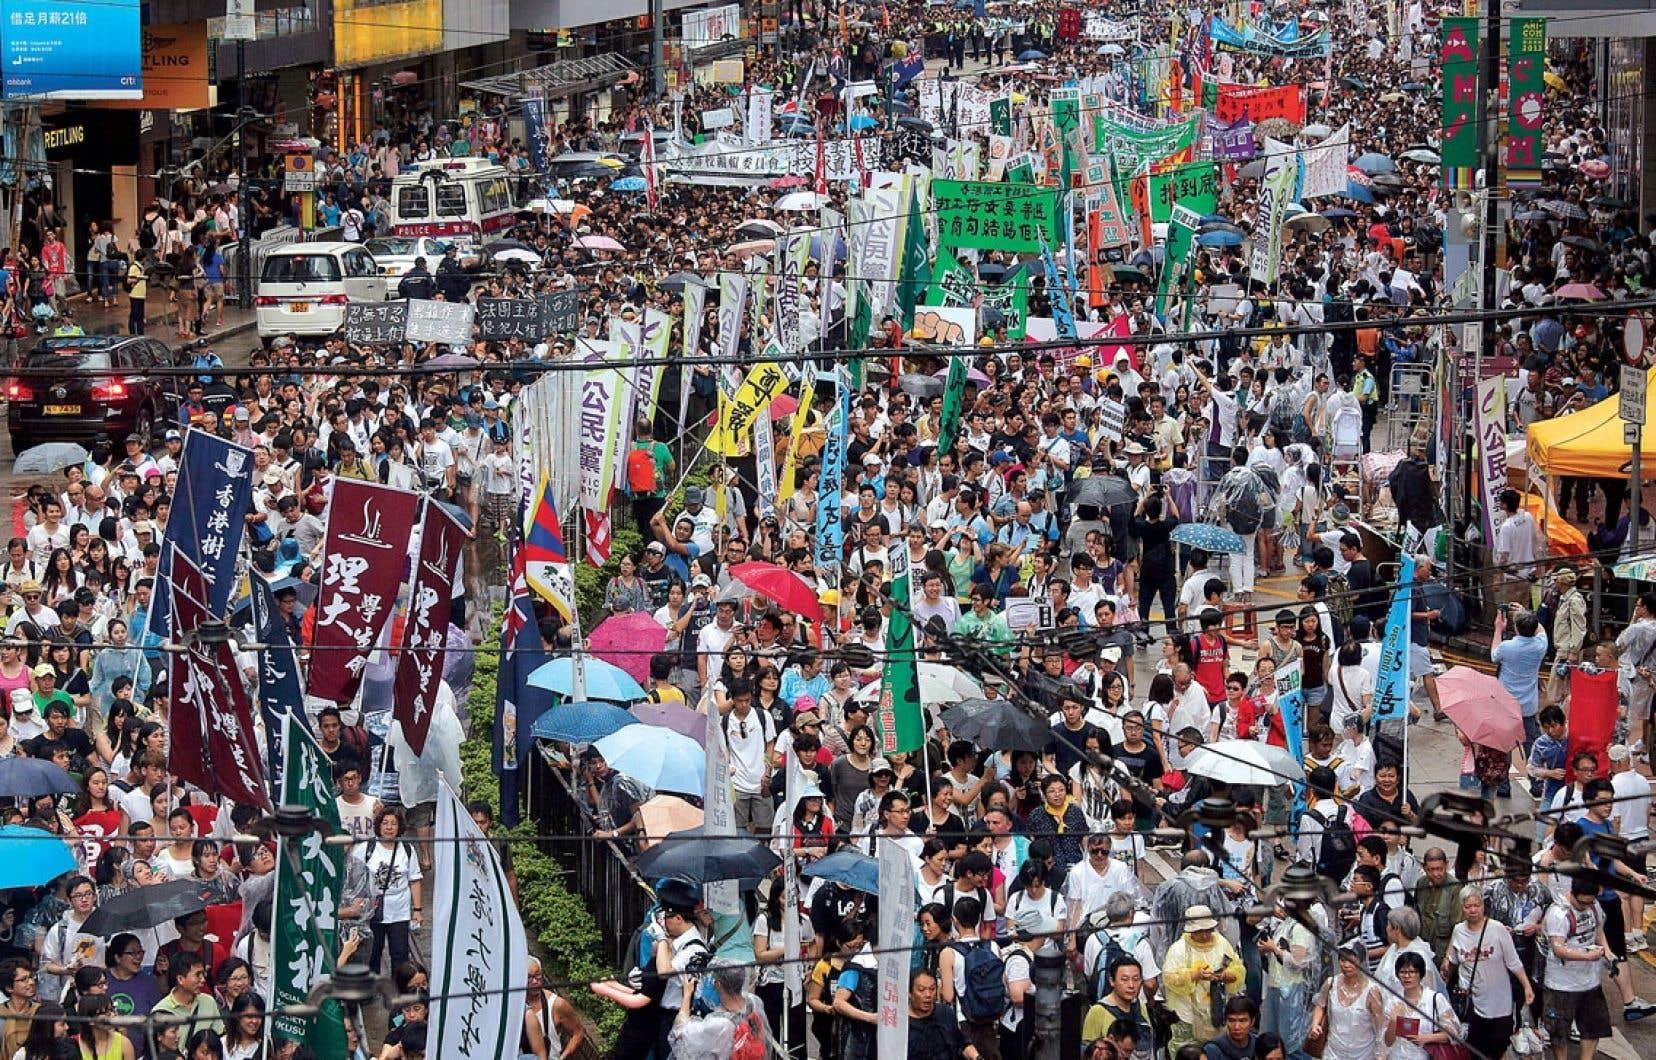 Des dizaines de milliers de personnes ont manifesté dans les rues de Hong Kong, lundi, afin d'exiger le départ de leur dirigeant pro-Pékin et de réclamer la mise en place de réformes démocratiques.